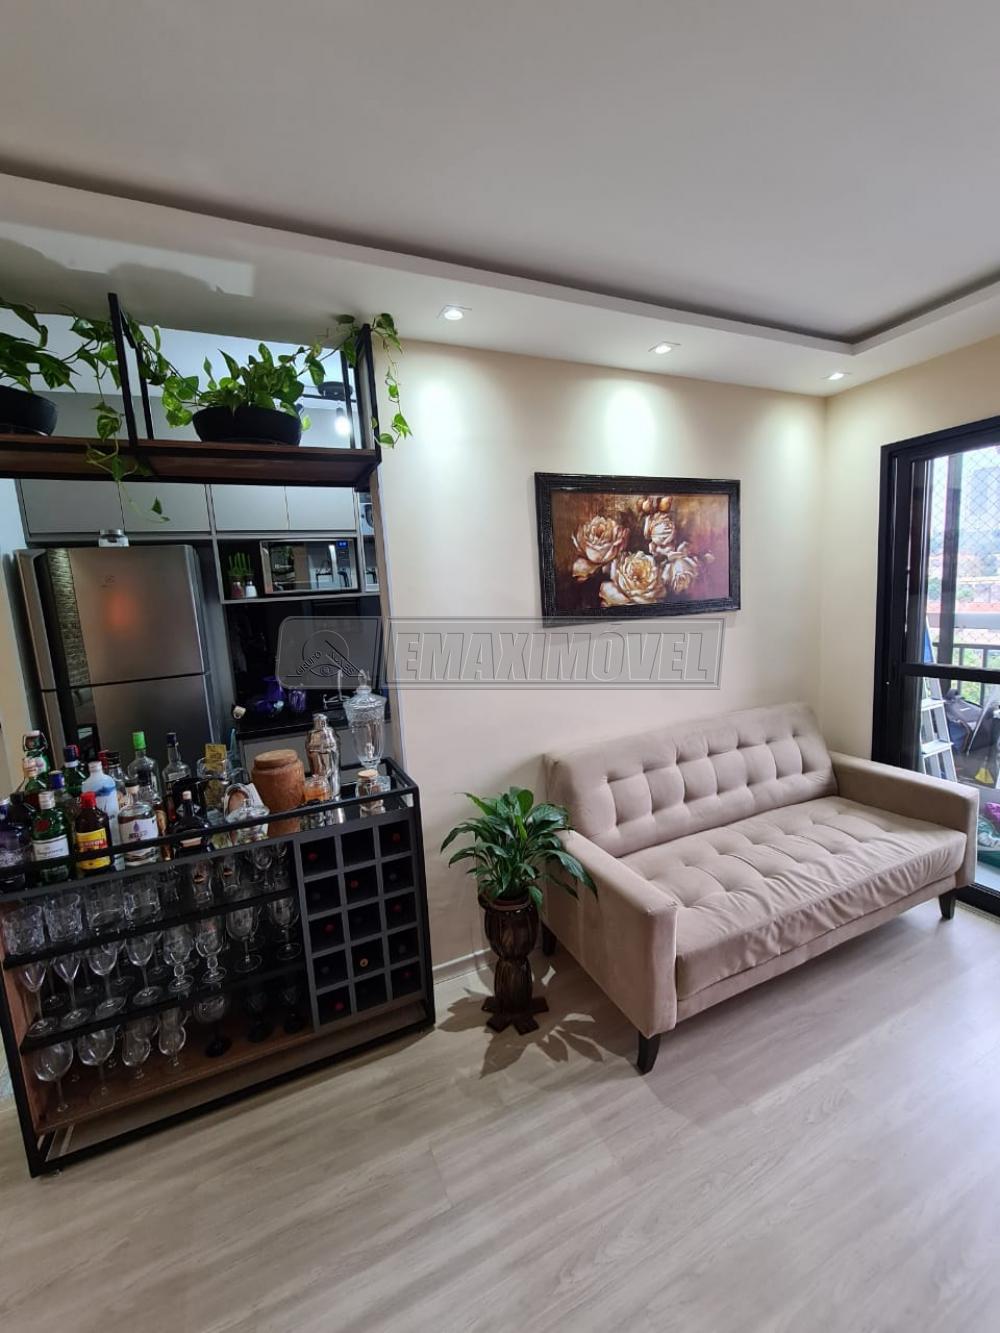 Comprar Apartamentos / Apto Padrão em Sorocaba R$ 350.000,00 - Foto 2